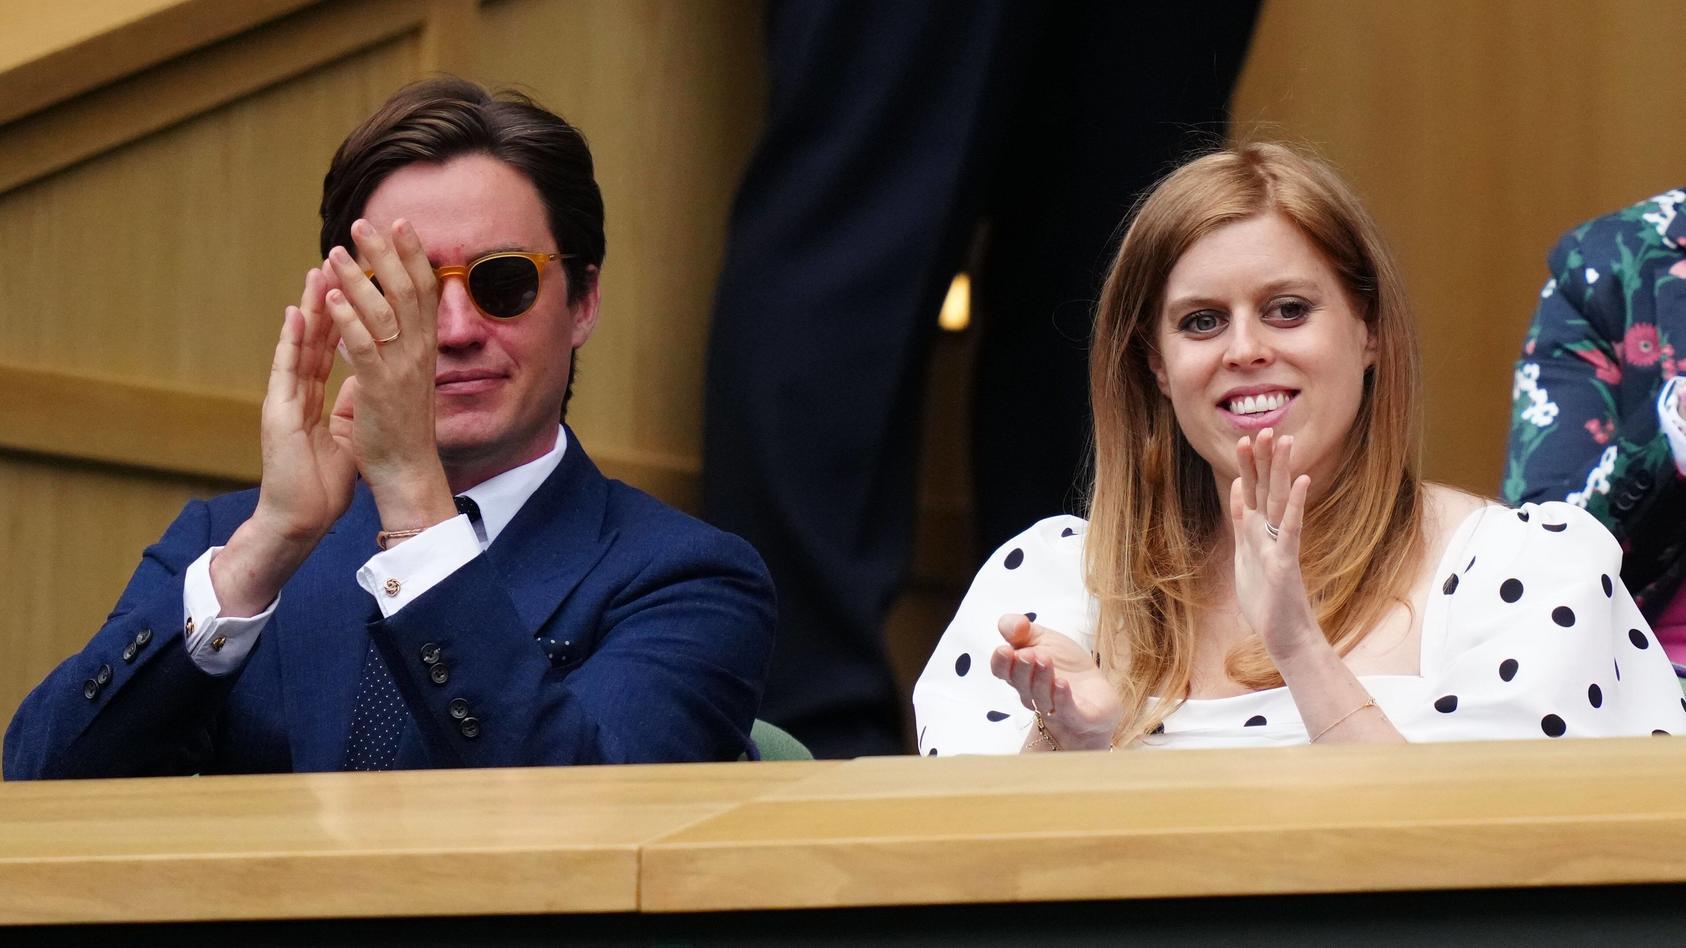 Edoardo Mapelli Mozzi und Prinzessin Beatrice haben gemeinsam Wimbledon besucht.